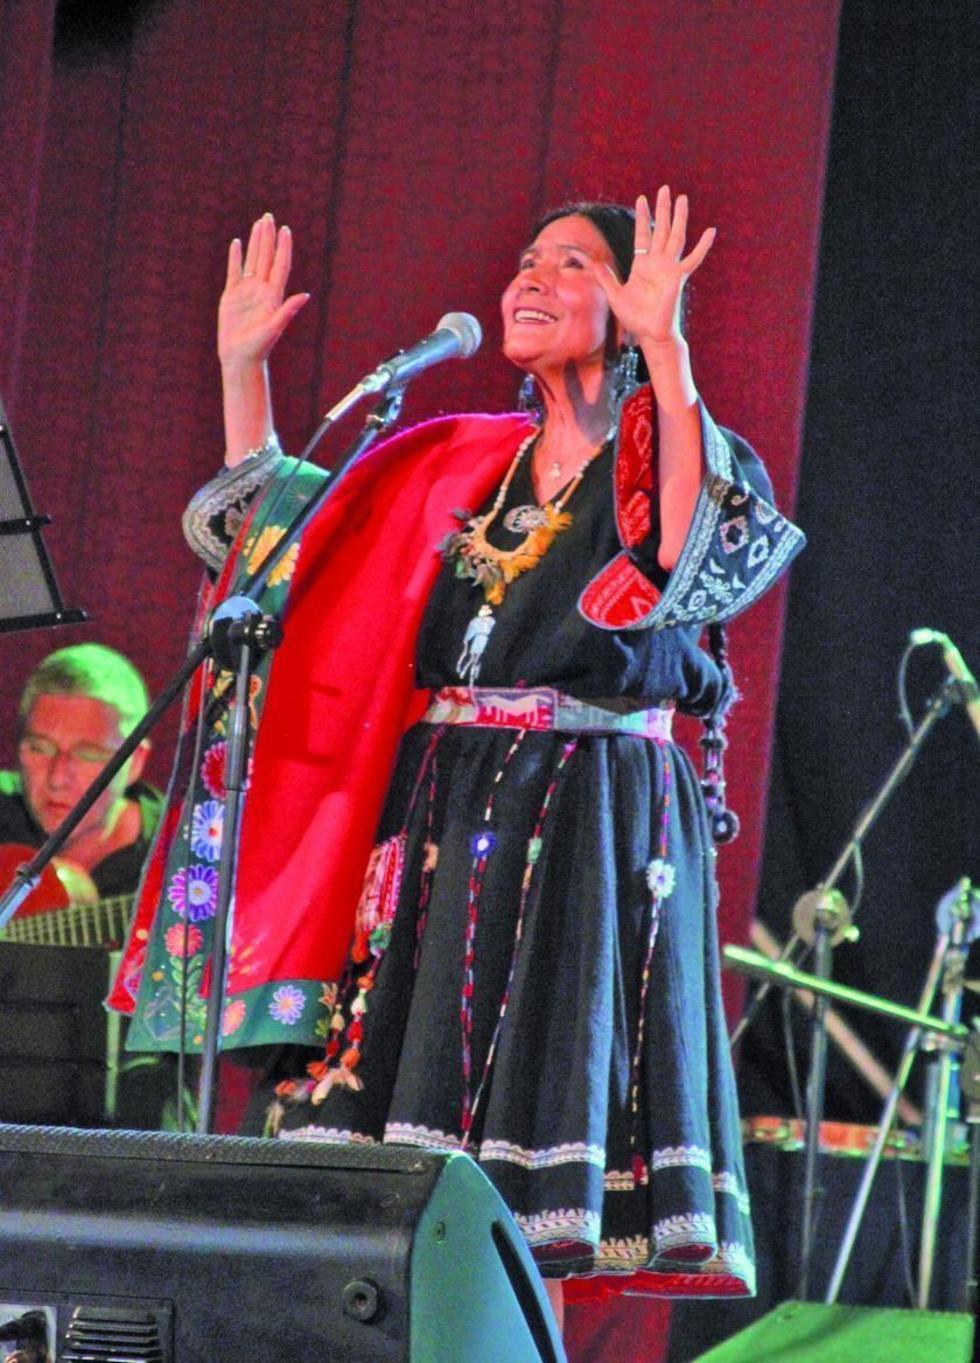 La potosina volverá a cantar a Potosí.